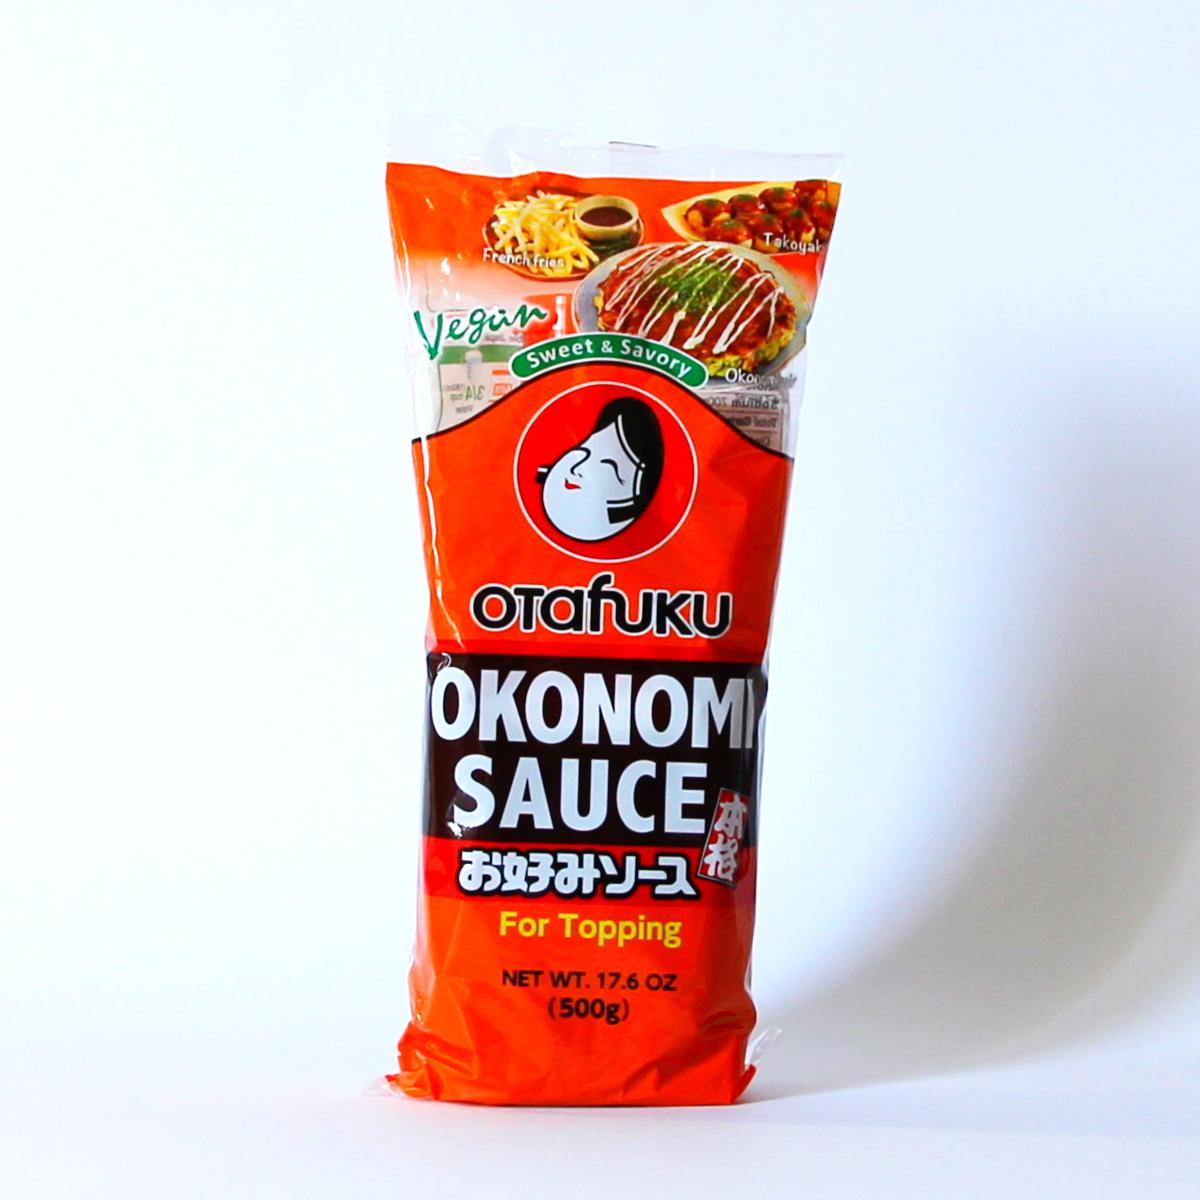 Okonomi Sauce 424ml (Okonomiyaki Sauce), OTAFUKU